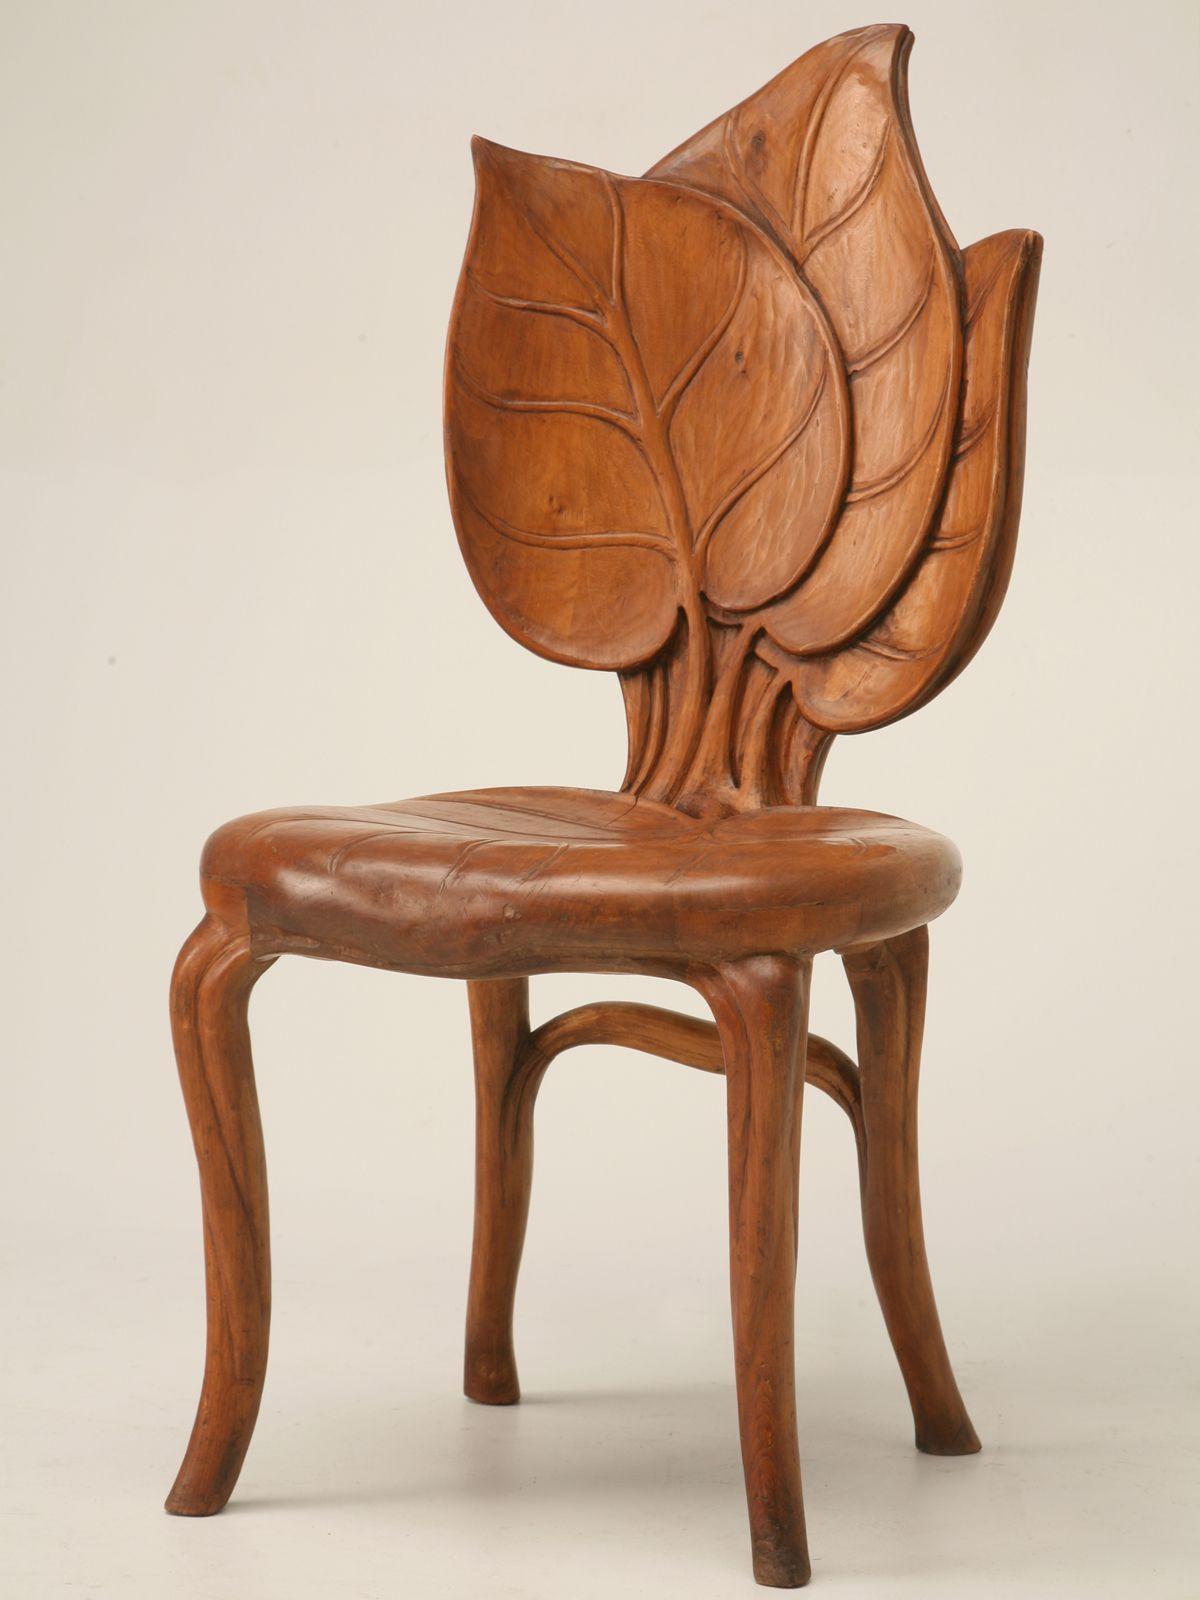 Chaise Style Art Nouveau unusual hand-carved antique french art nouveau sculptural